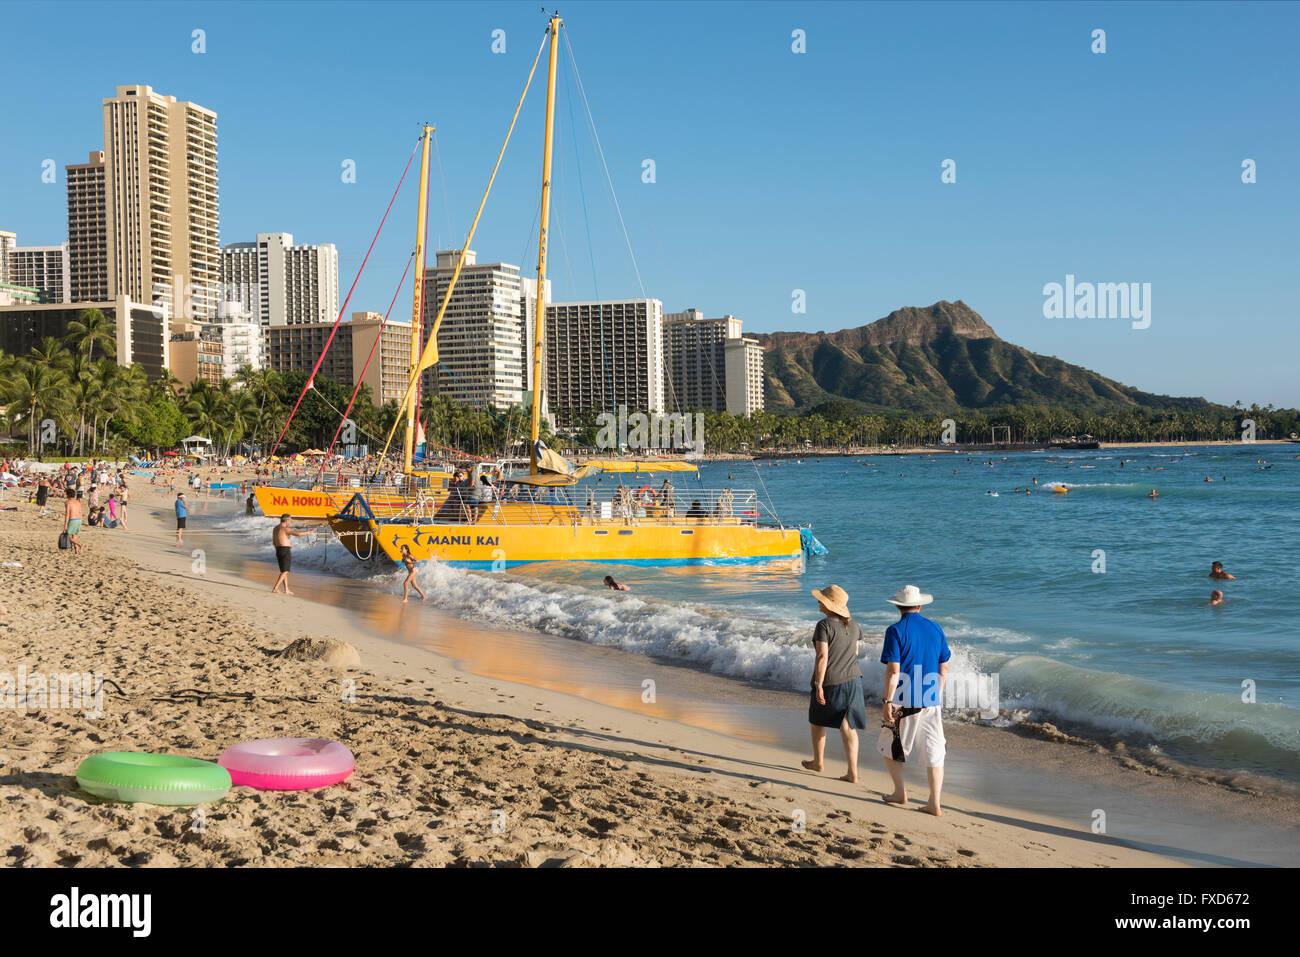 USA, Hawaii, Oahu, Honolulu, Waikiki Stock Photo